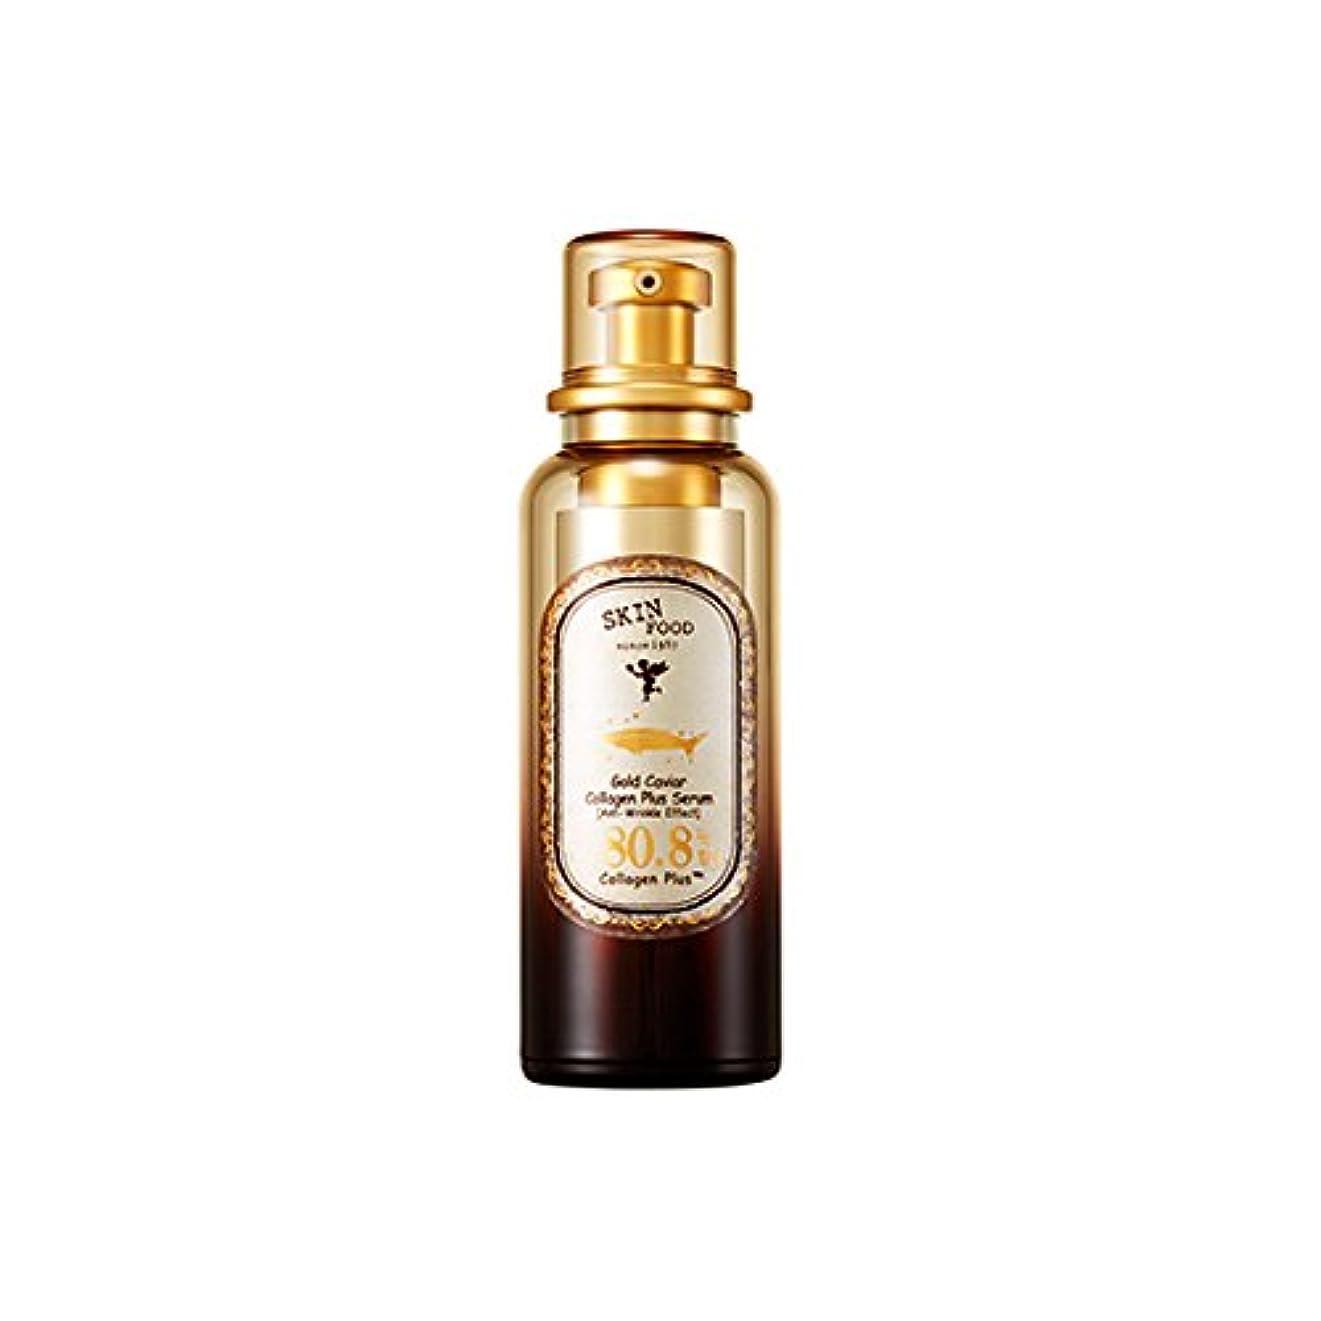 健全私たち見てSkinfood ゴールドキャビアコラーゲンプラスセラム(しわ防止効果) / Gold Caviar Collagen Plus Serum (Anti-wrinkle Effect) 40ml [並行輸入品]